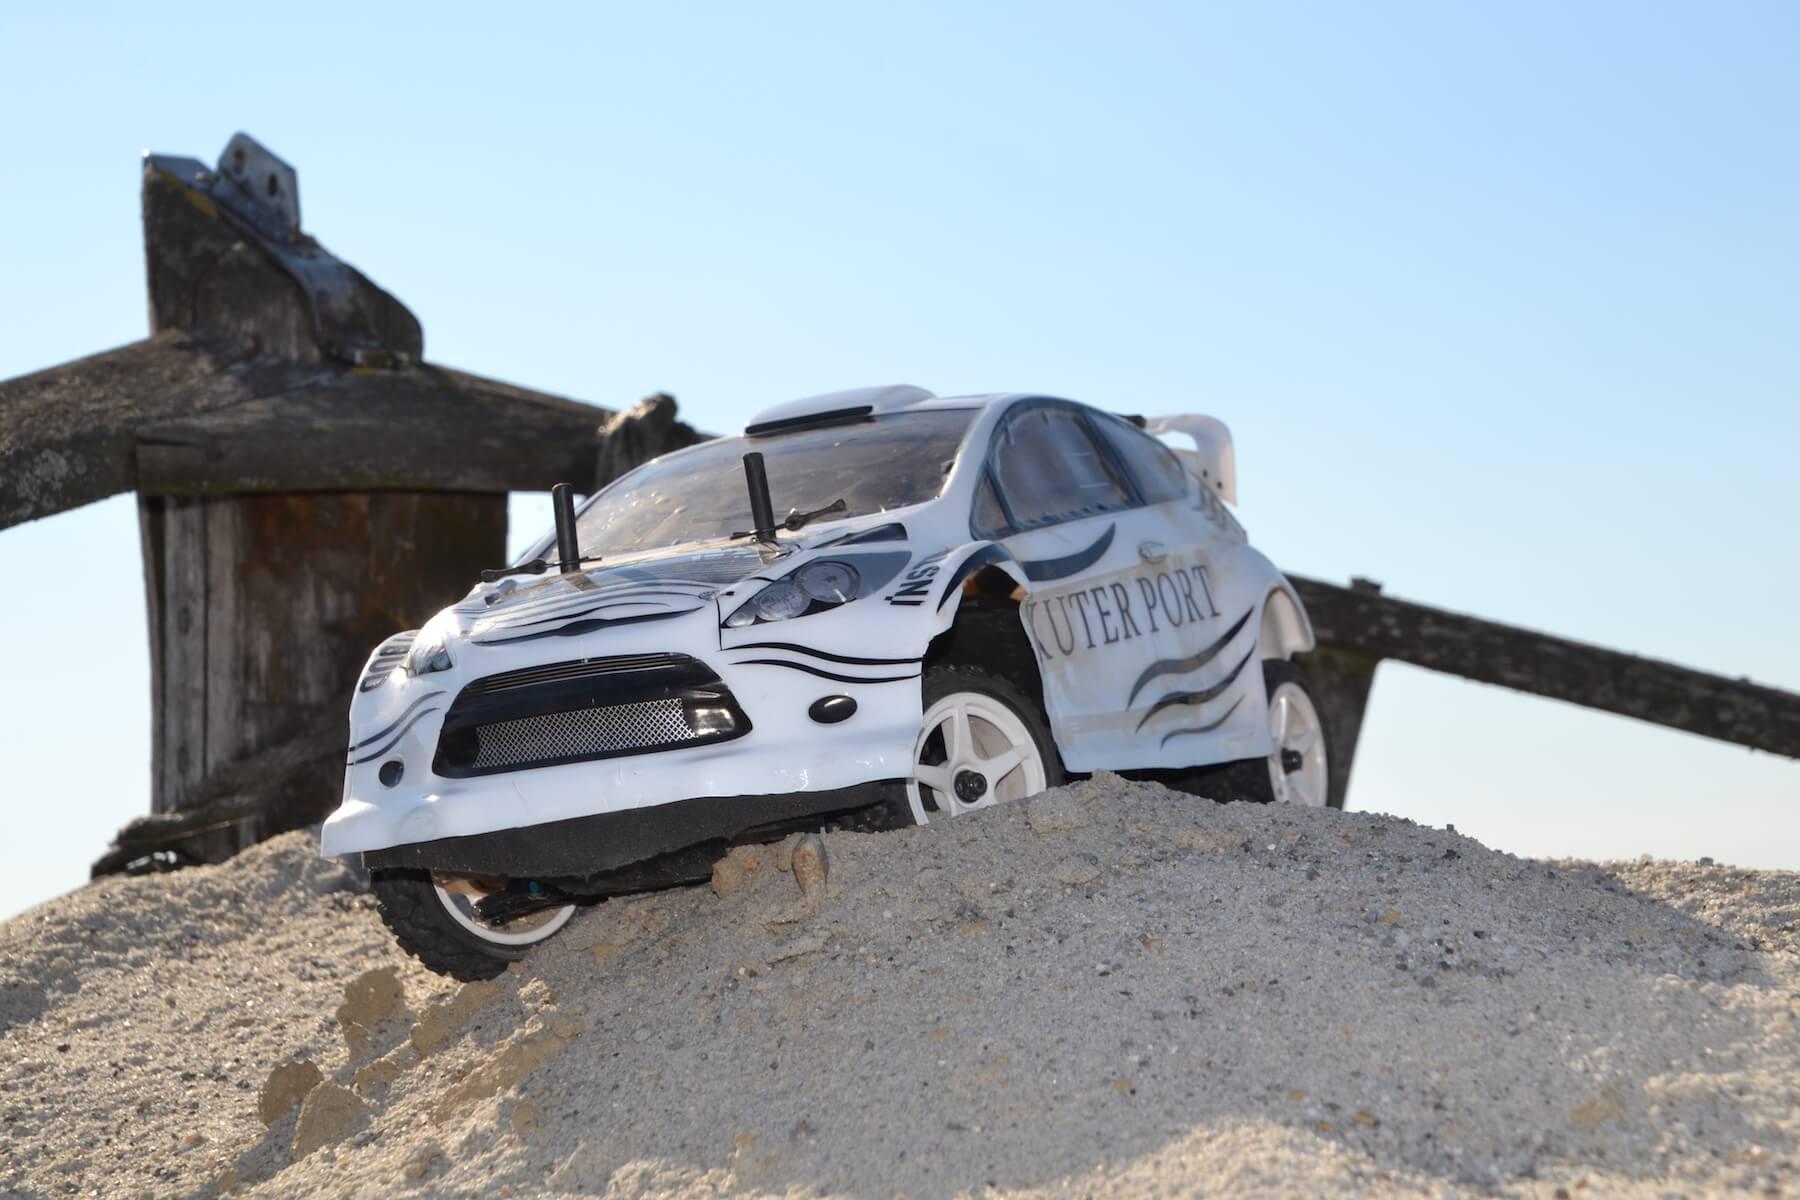 Model pojazdu Ford Fiesta WRC najlepszy w Rajdzie na Plaży Kuter Port